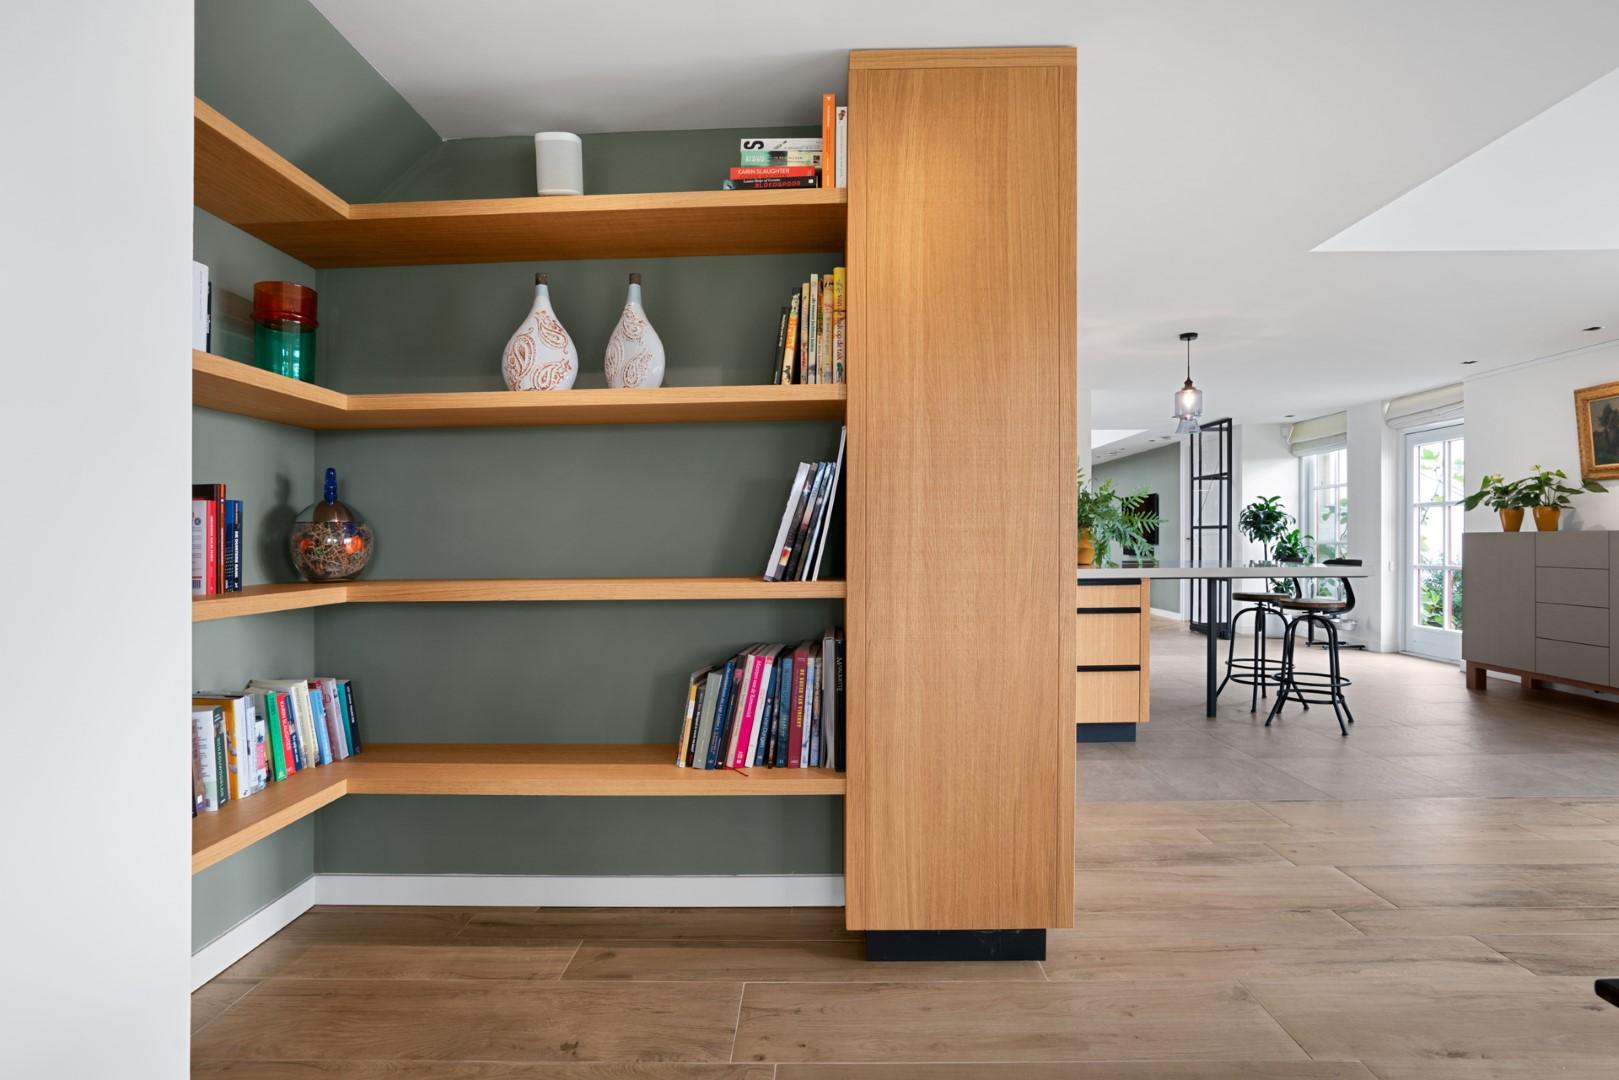 Adrichem Interieurbouw boekenkast